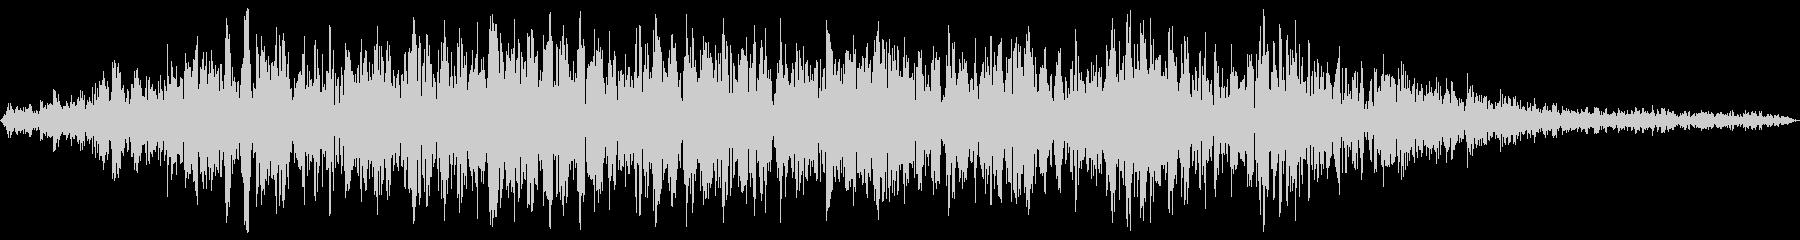 エレベーターの上昇音 リアルな生録音の未再生の波形